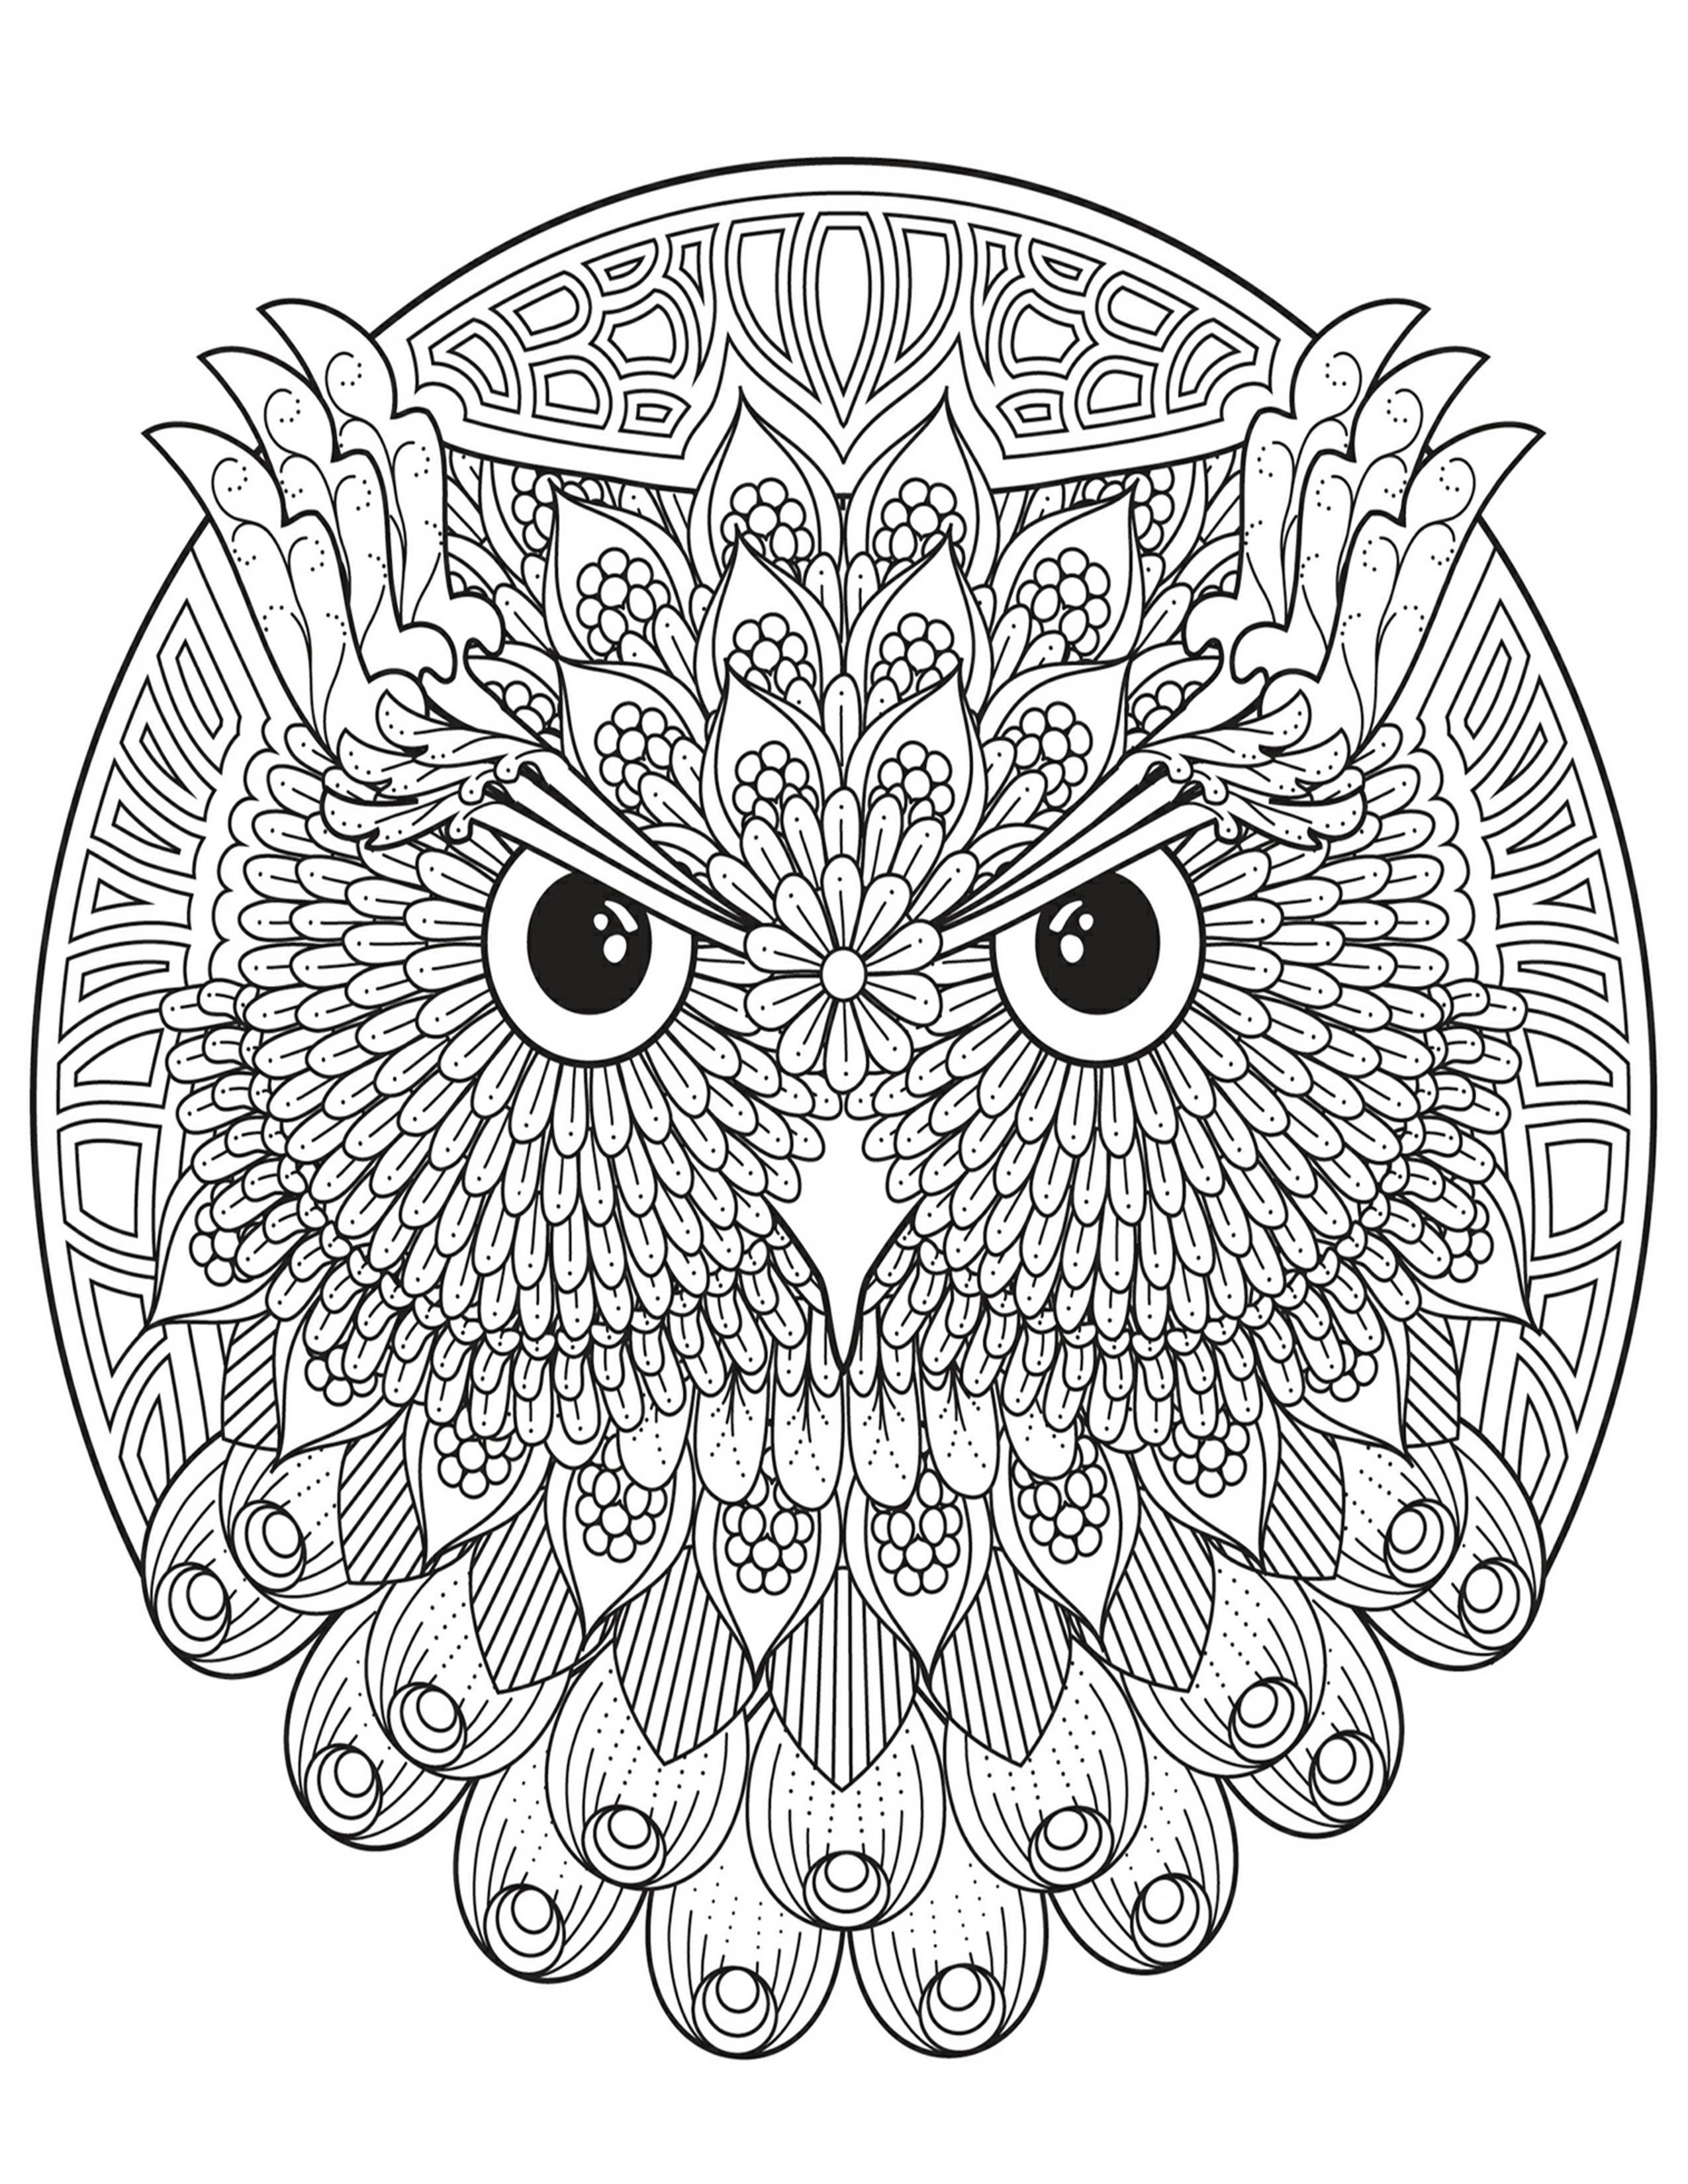 Pin By Wanda Zamojska On Pintura Y Dibujo Mandala Coloring Pages Owl Coloring Pages Mandala Coloring